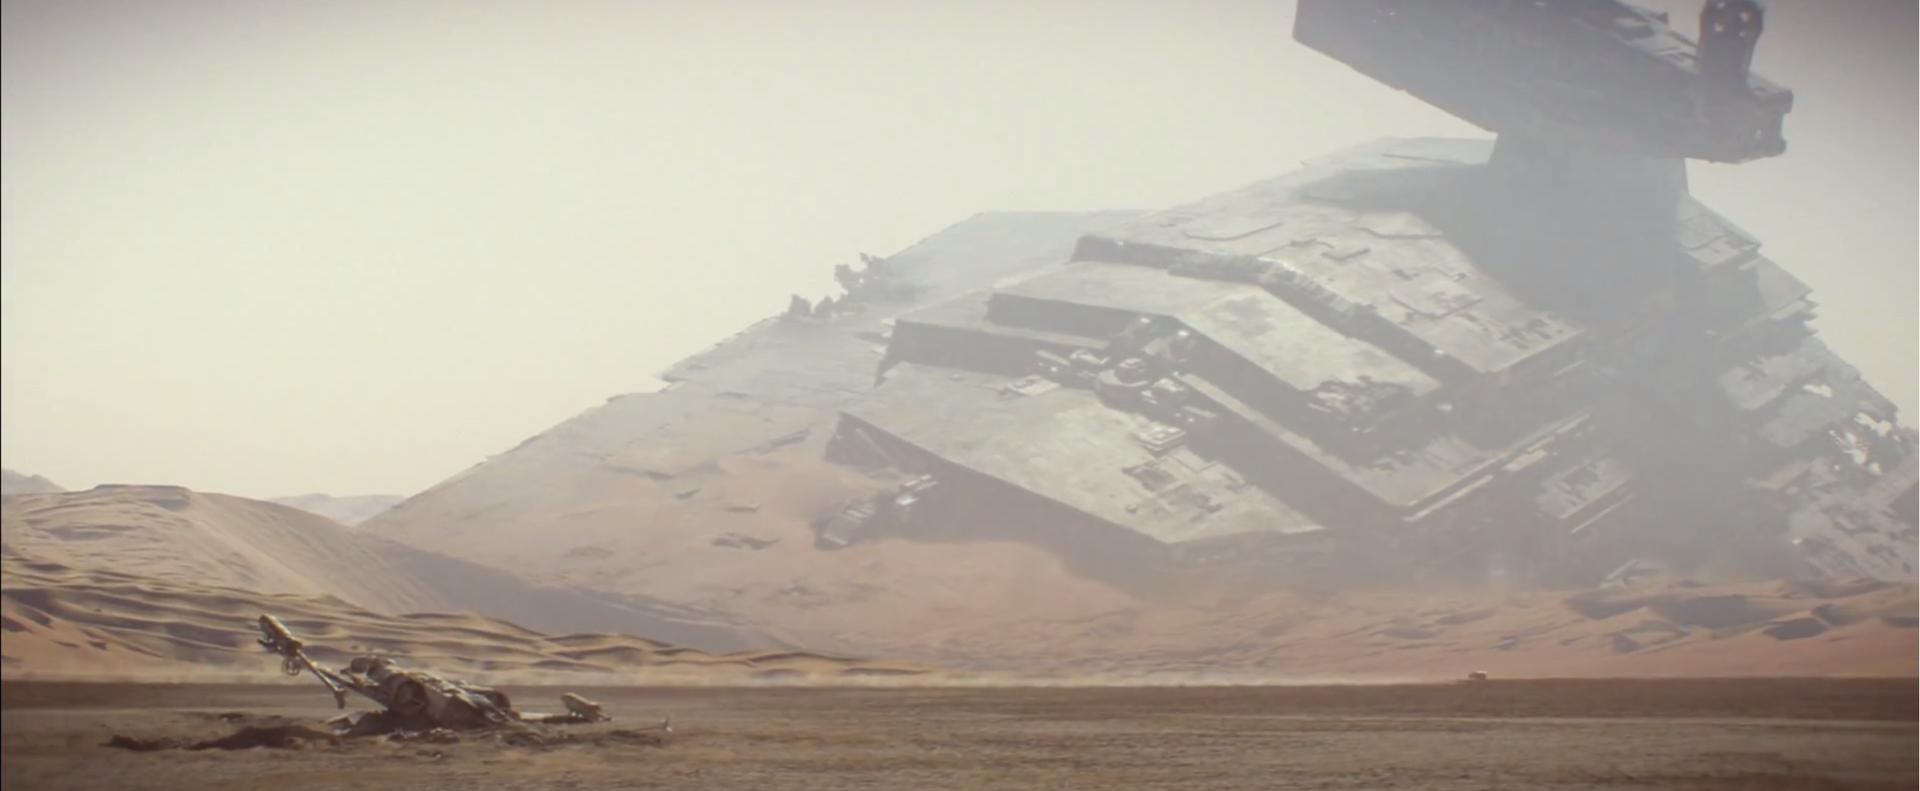 Второй тизер «Звёздных войн: пробуждения Силы» - 2